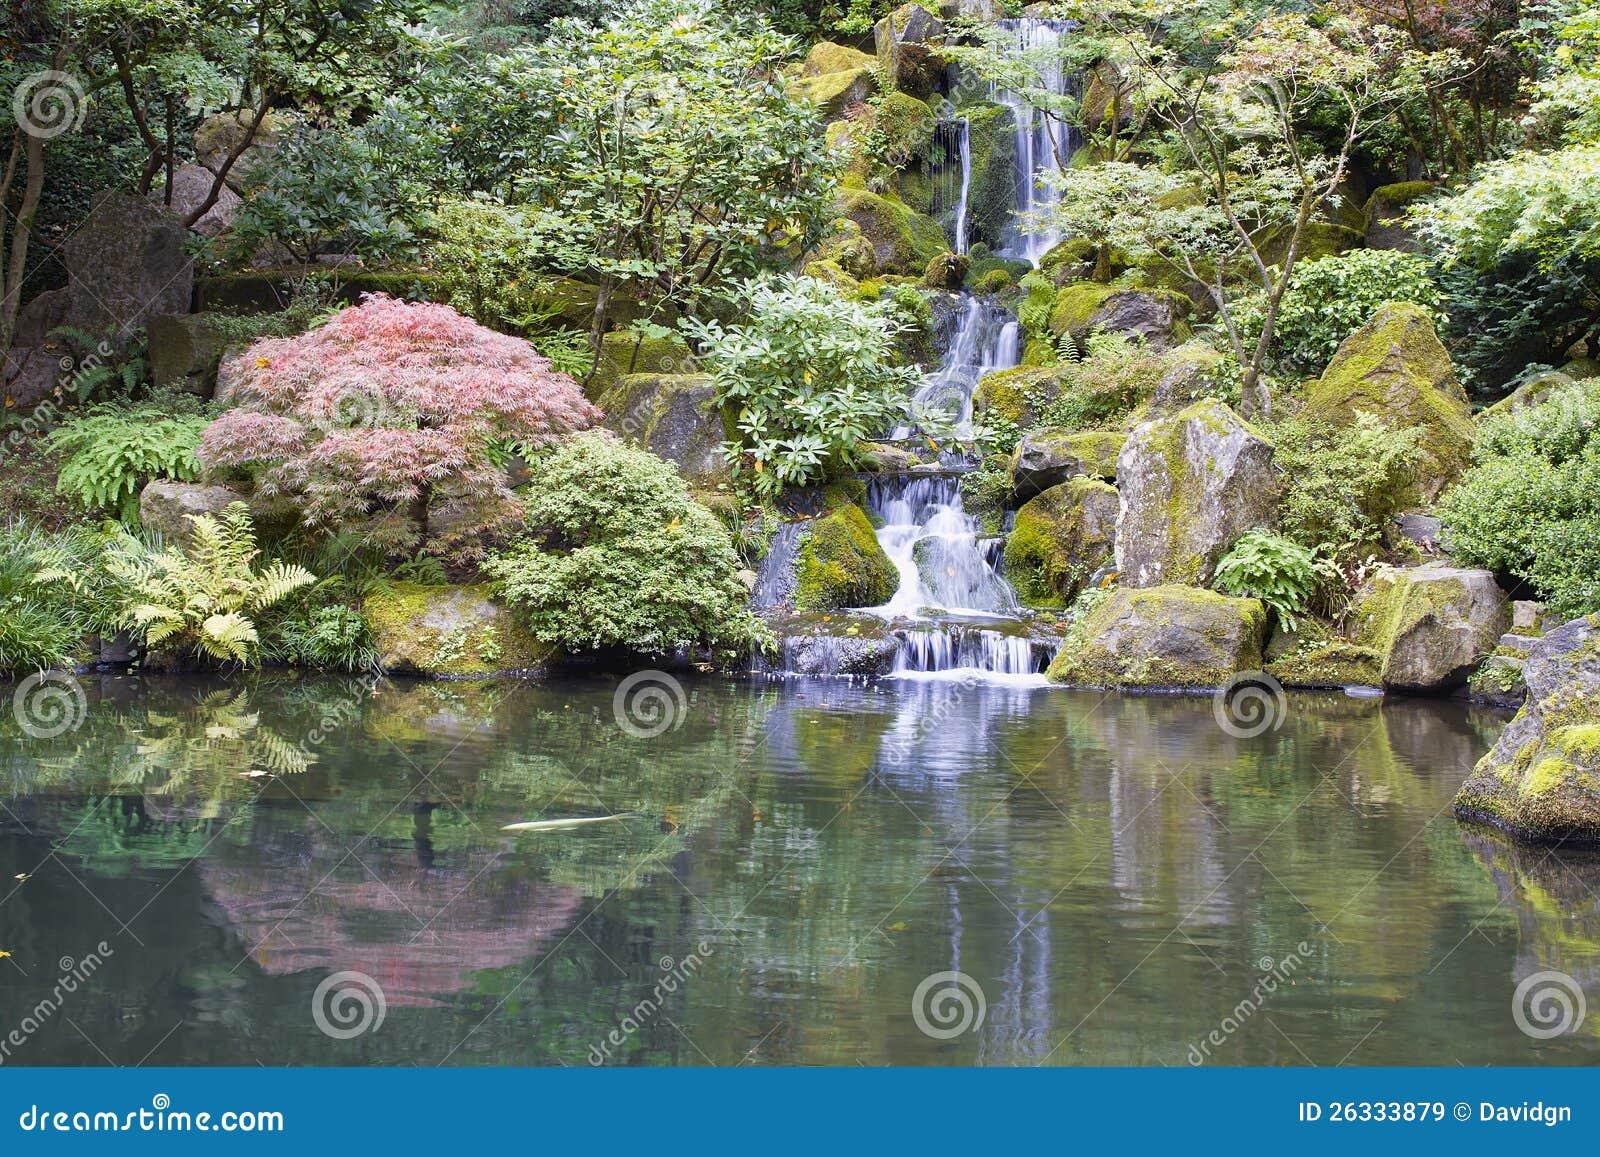 De japanse vijver van koi van de tuin met waterval stock for Waterval vijver aanleggen